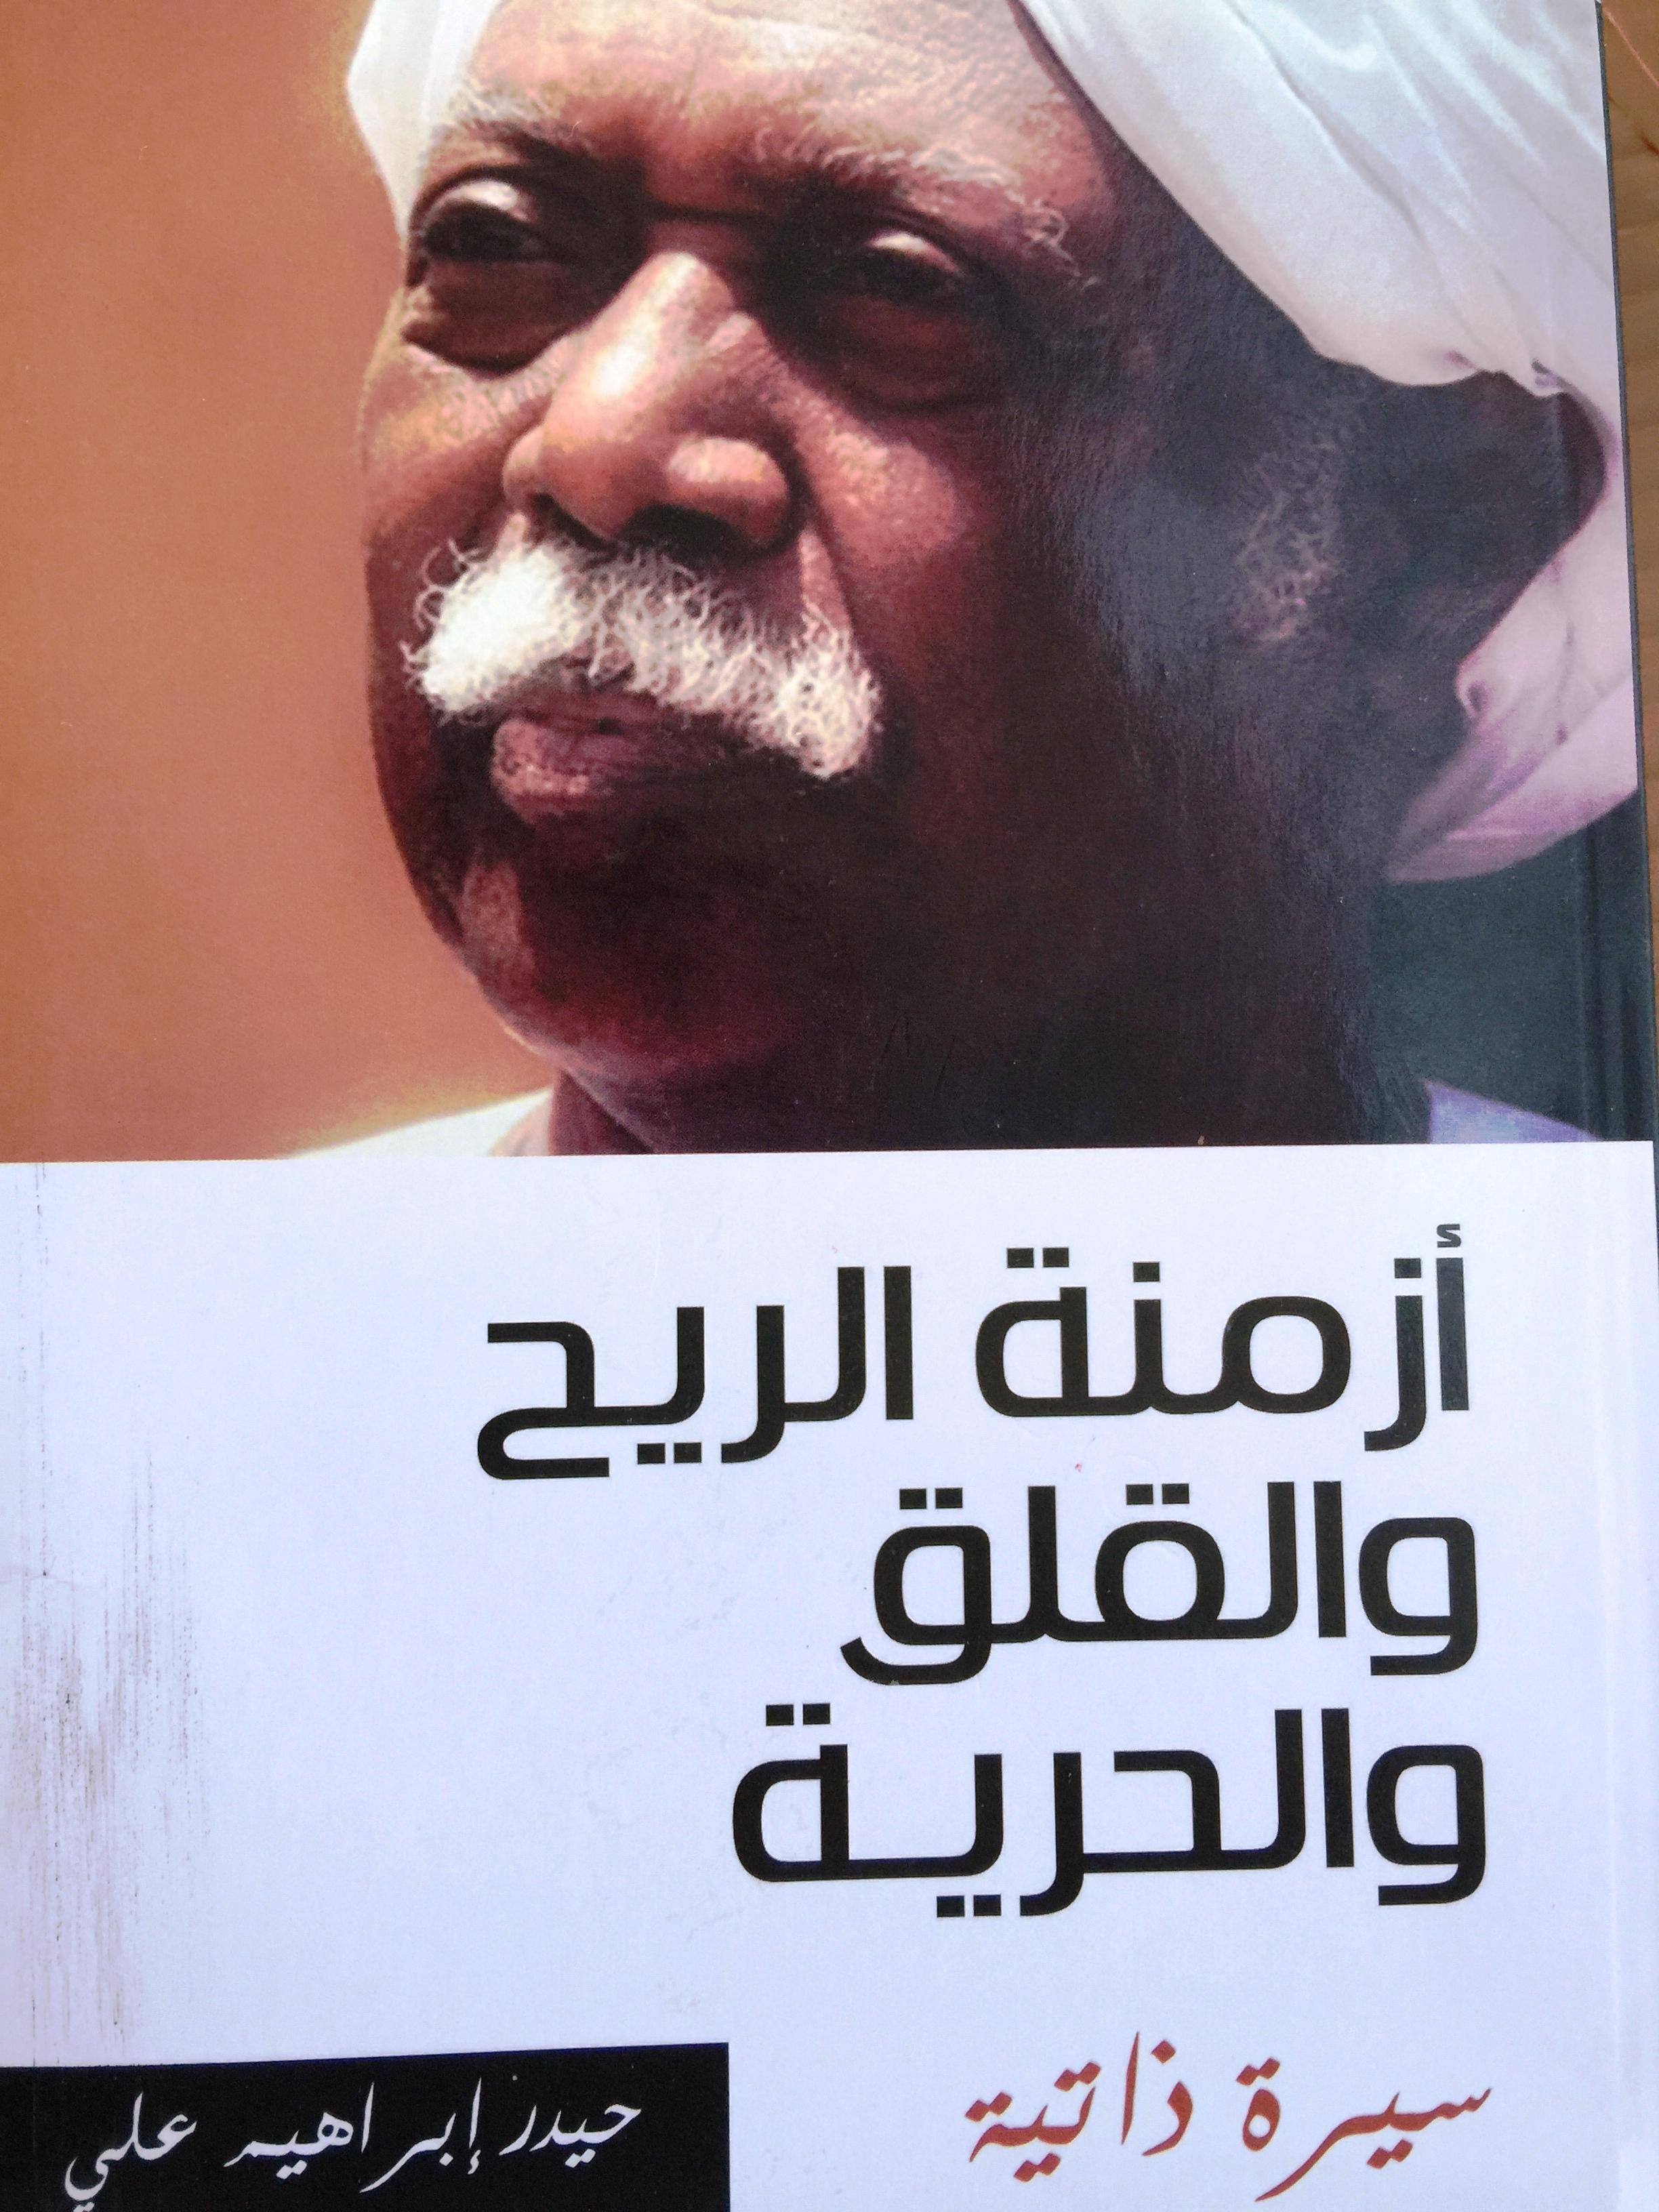 ازمنة الريح والقلق والحرية - حيدر ابراهيم  by  د. حيدر ابراهيم